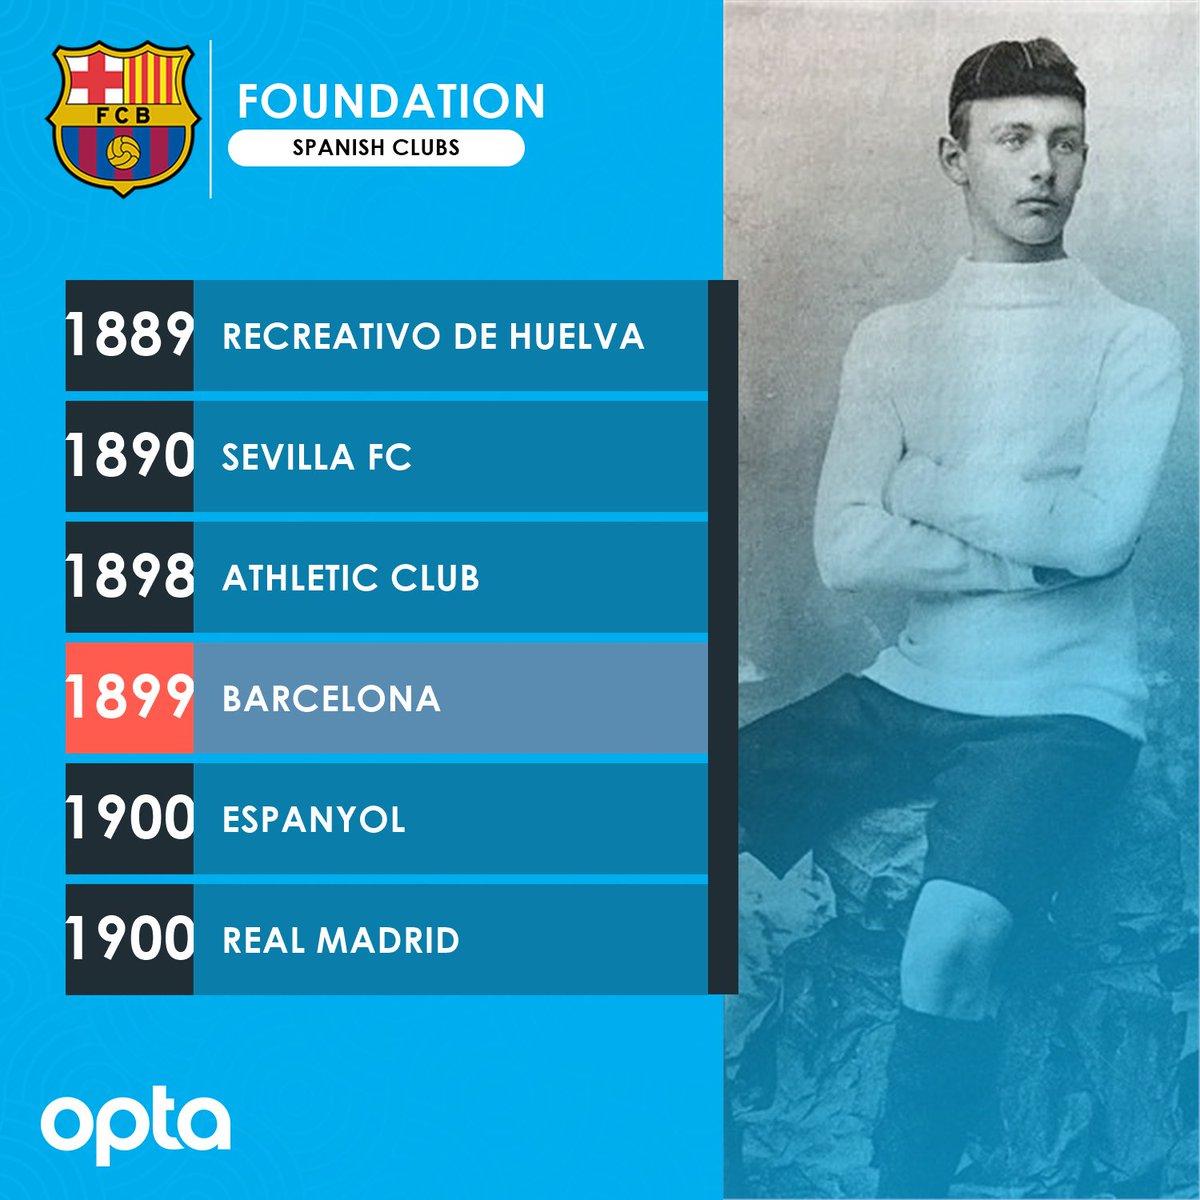 底蕴!巴萨成立120周年,是第四早成立的西班牙俱乐部